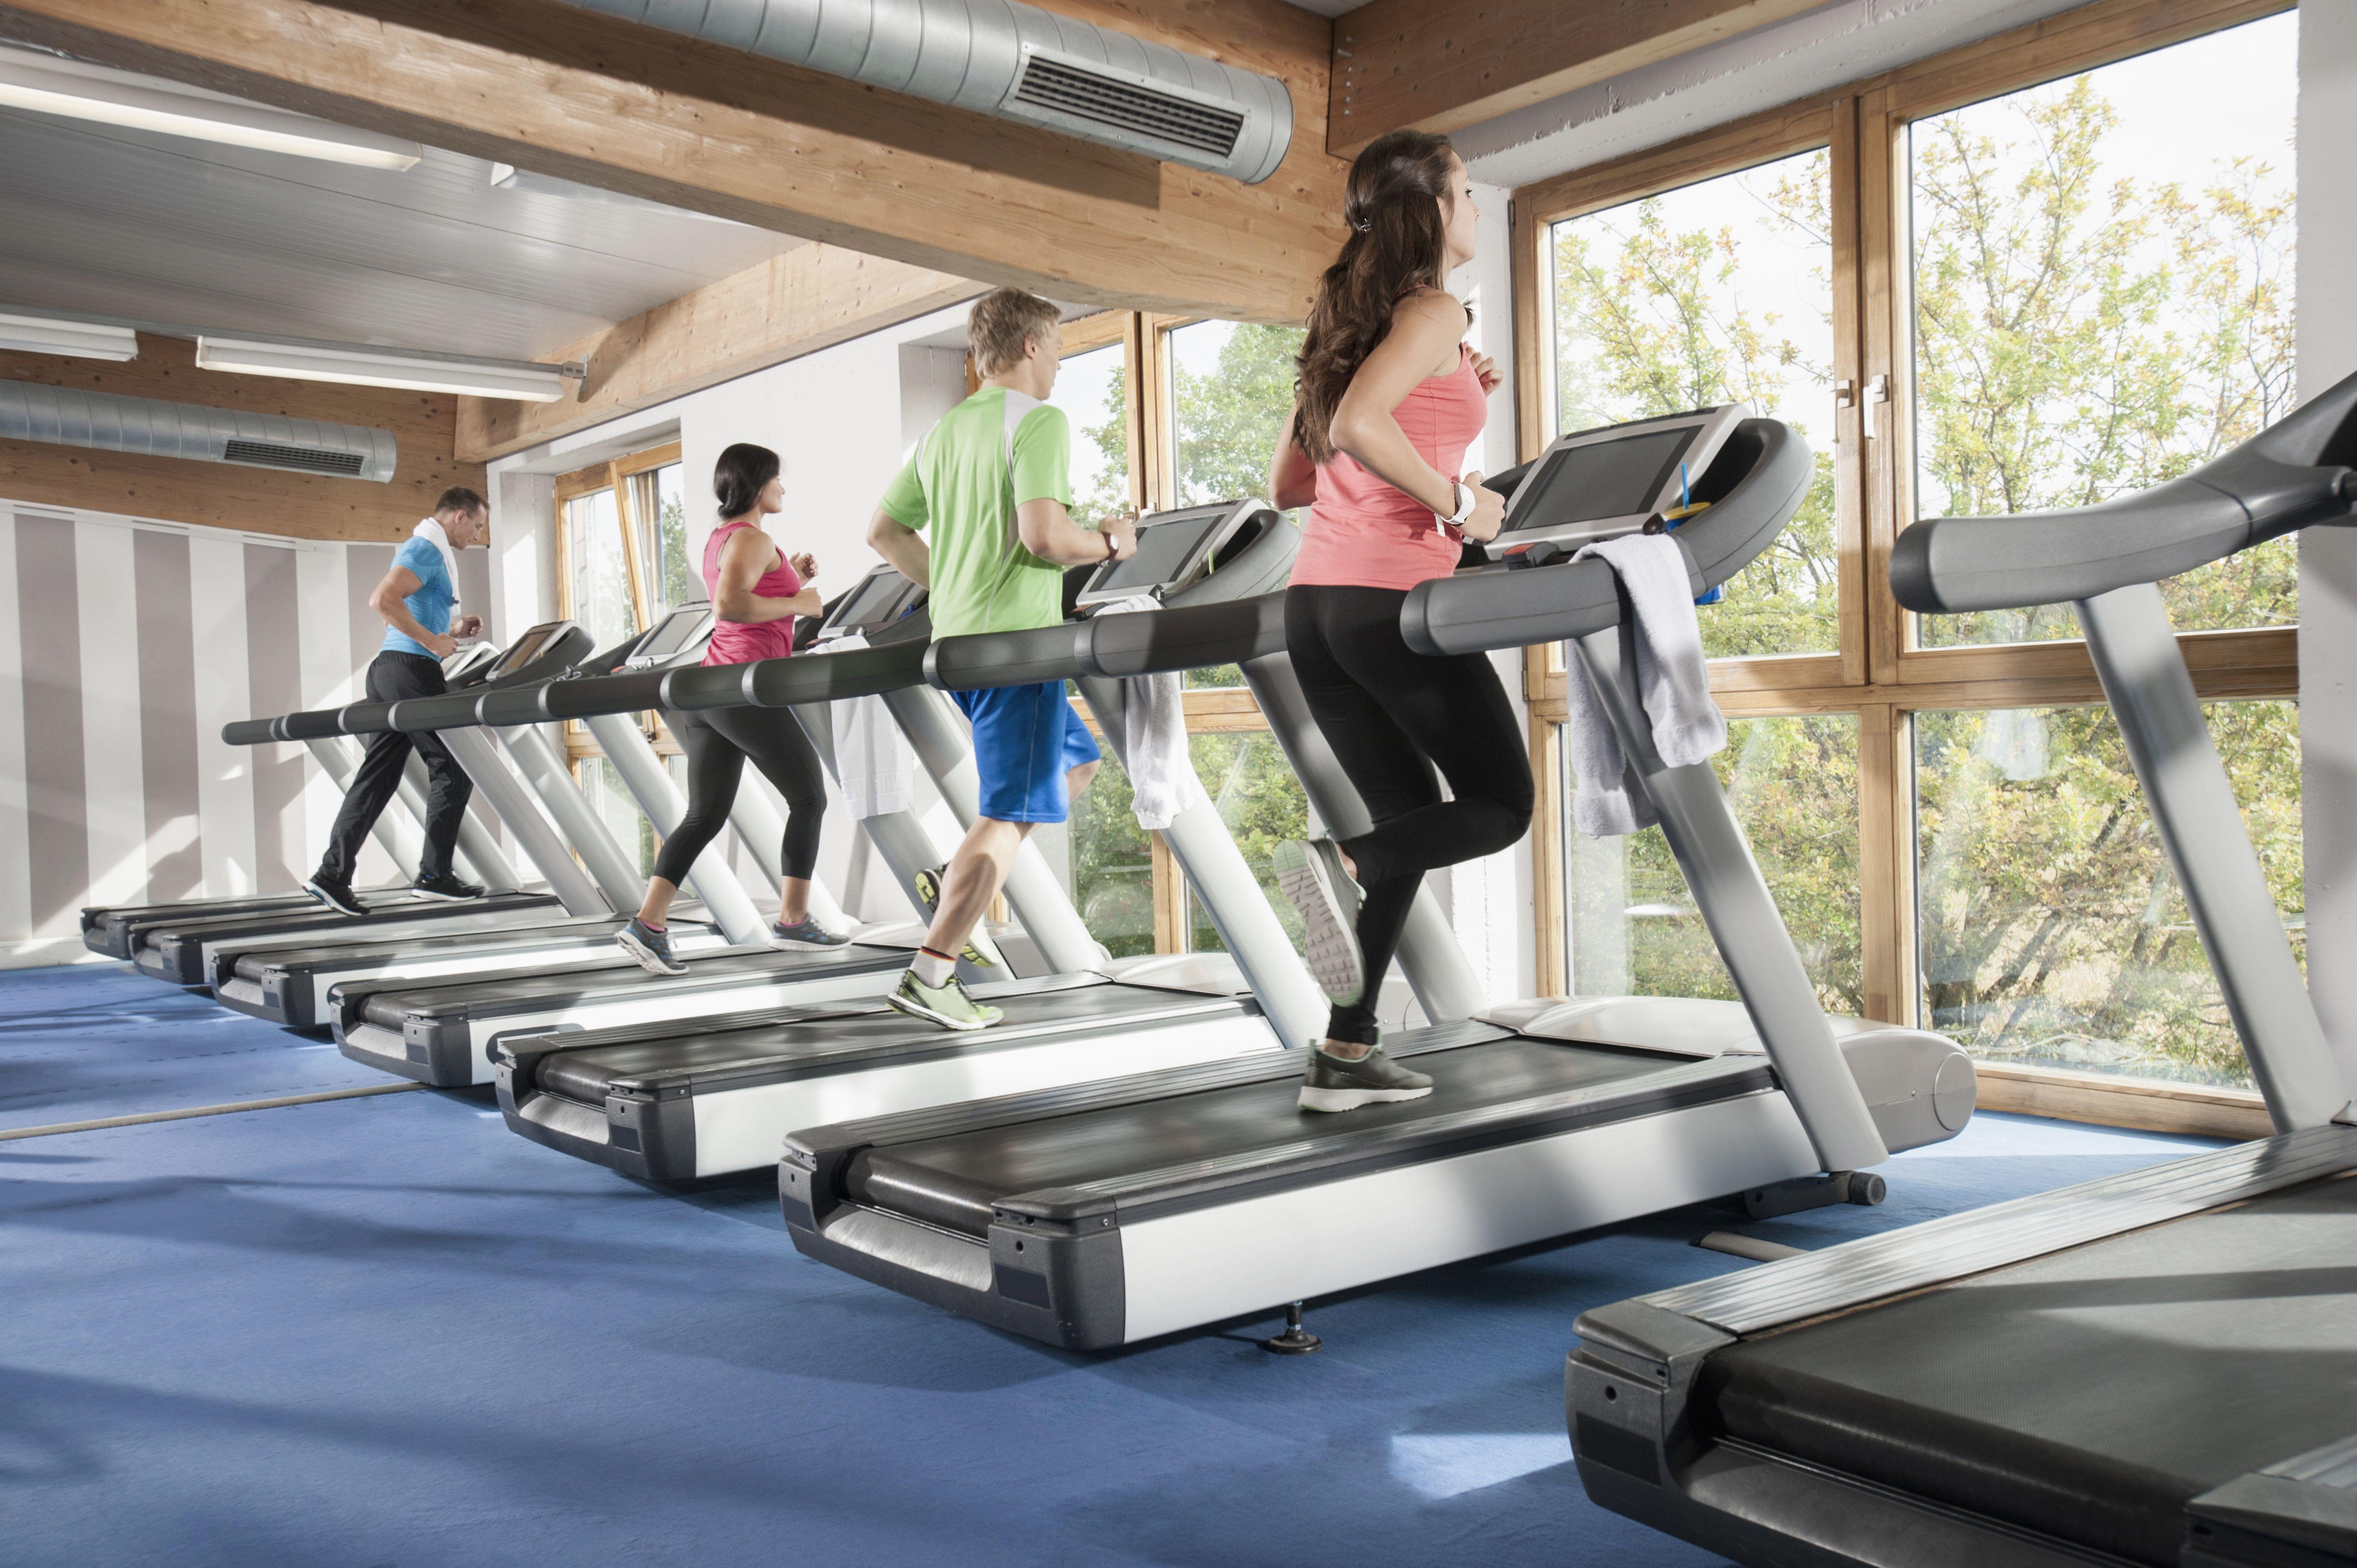 Velkommen til januar! Folk løber på løbebånd i et fitnesscenter, hvor de træner (Foto: All Over)